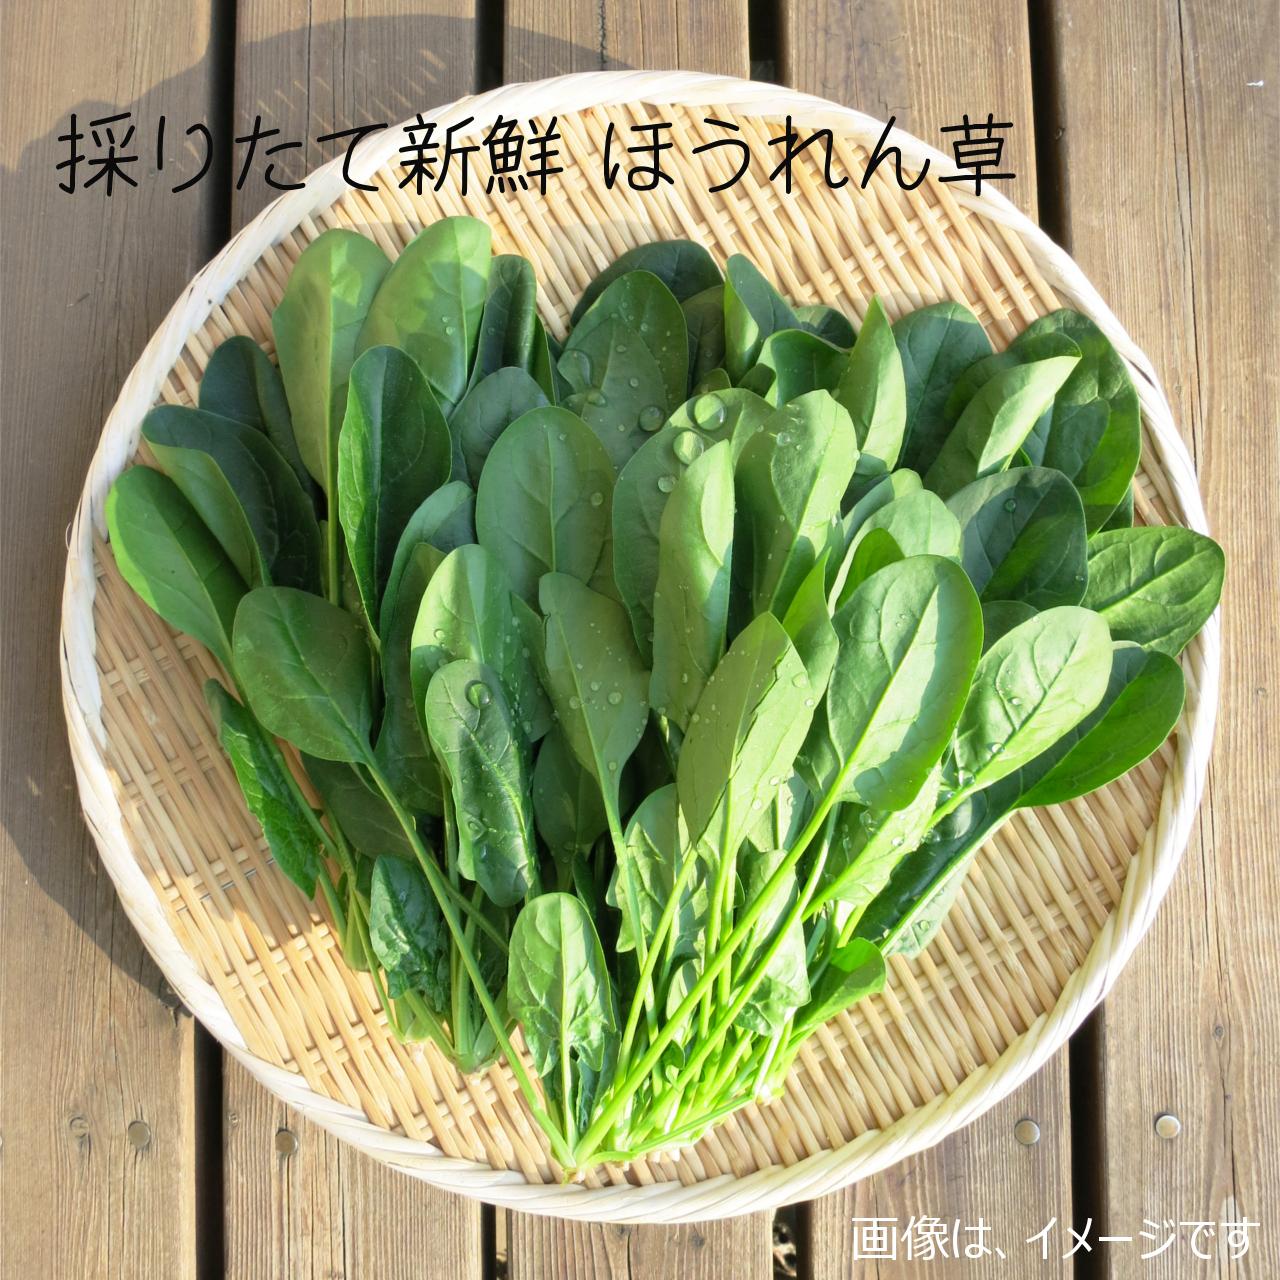 新鮮な秋野菜 : ホウレンソウ 約400g 11月の朝採り直売野菜 11月9日発送予定